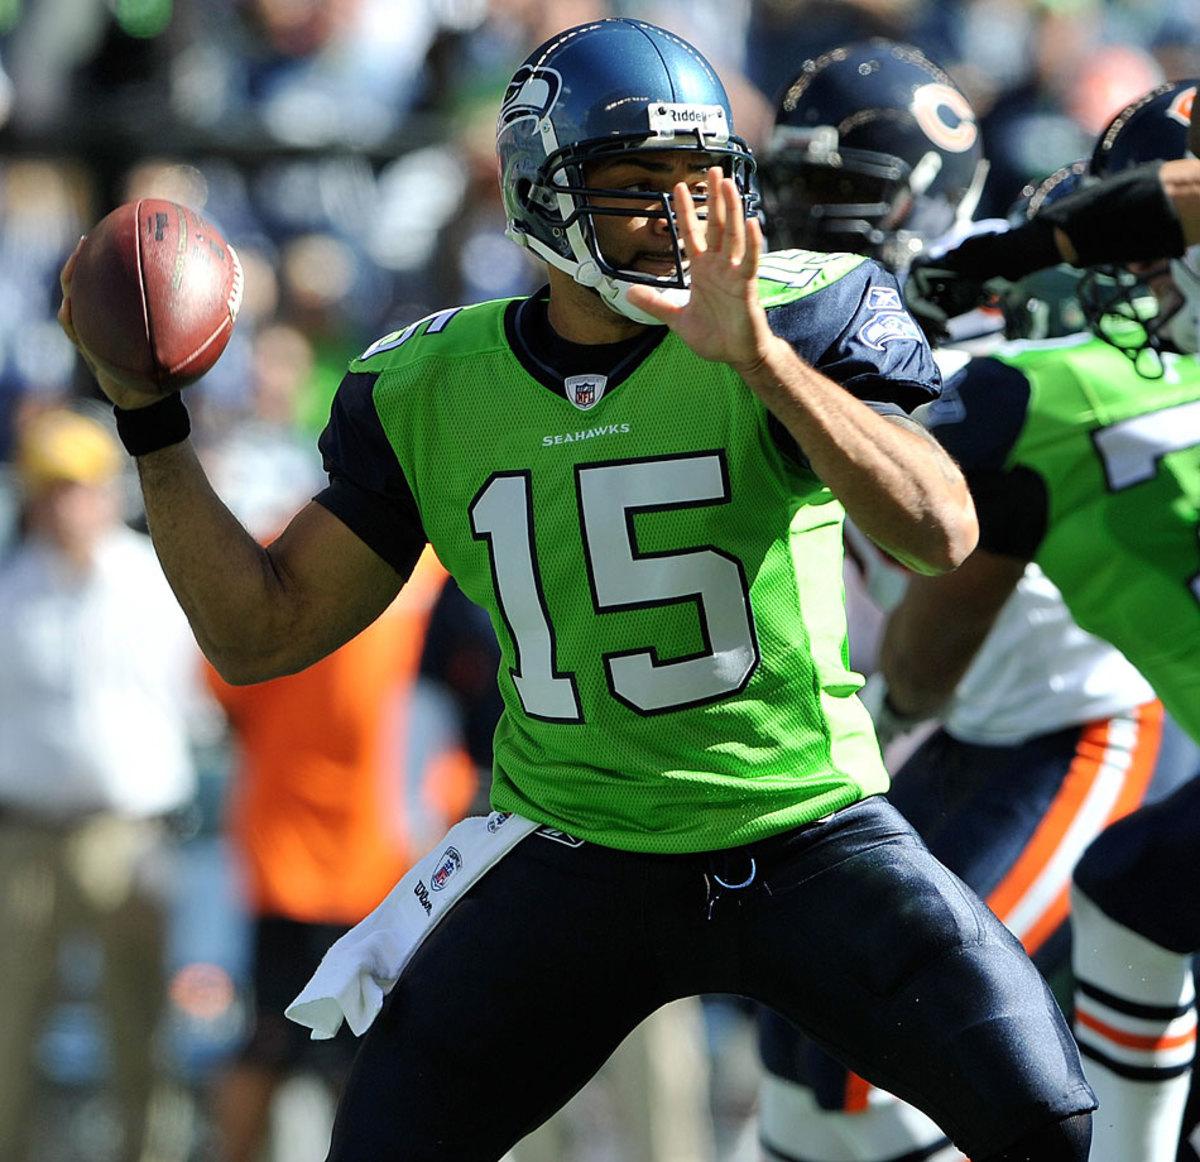 Seattle-Seahawks-uniform-2009-Seneca-Wallace.jpg